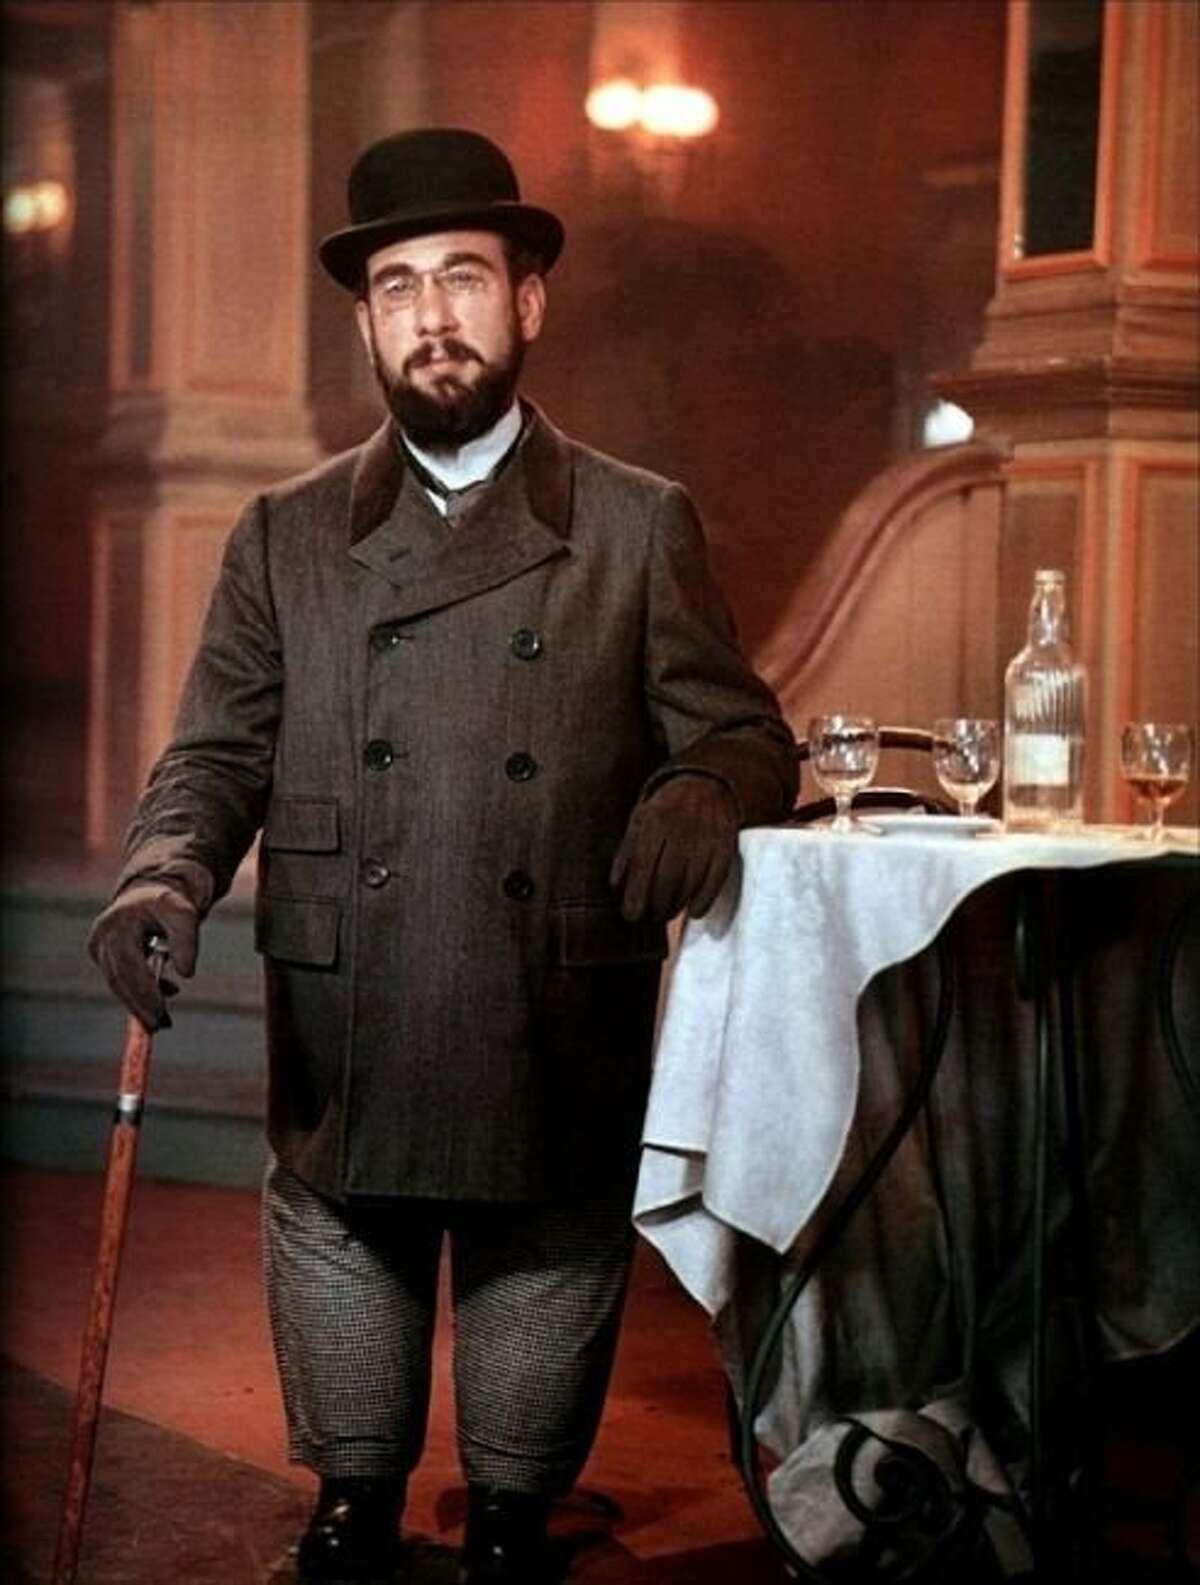 Jose Ferrer as Henri de Toulouse-Lautrec in